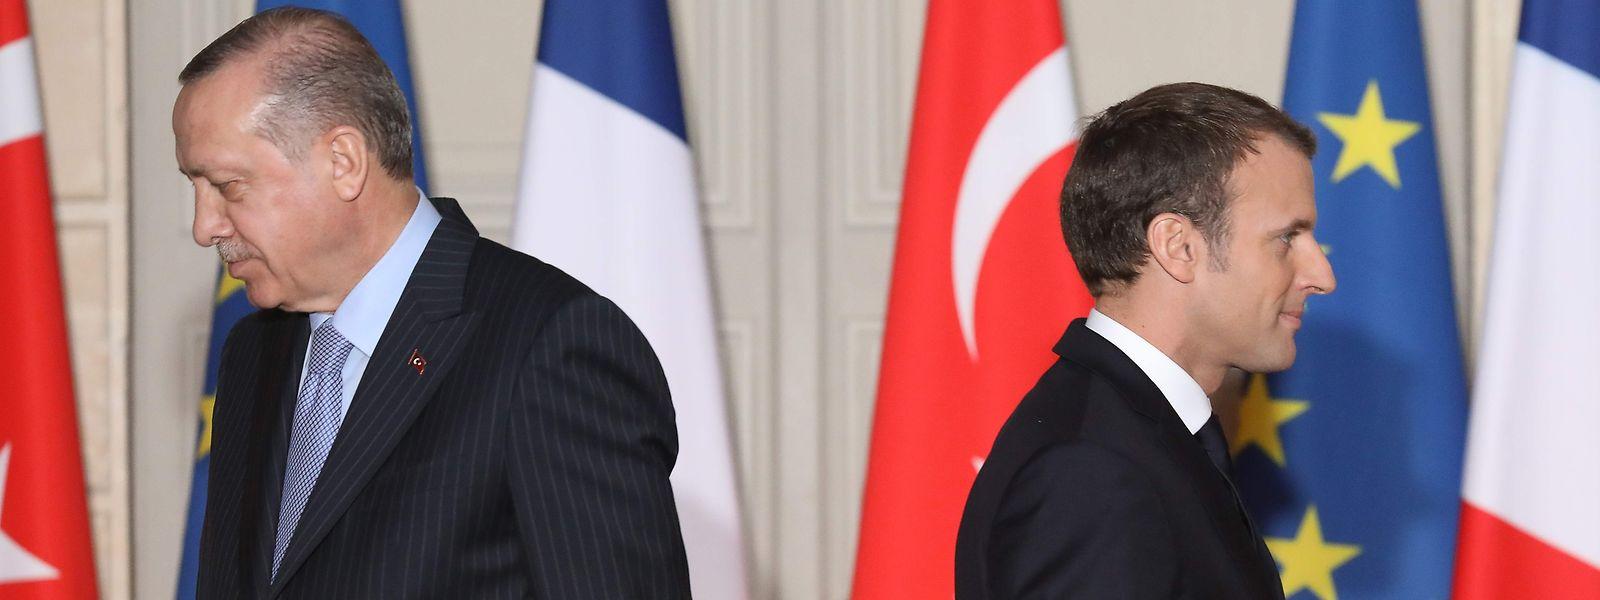 Die Beziehung zwischen Emmanuel Macron und Recep Tayyip Erdogan ist an einem Tiefpunkt.